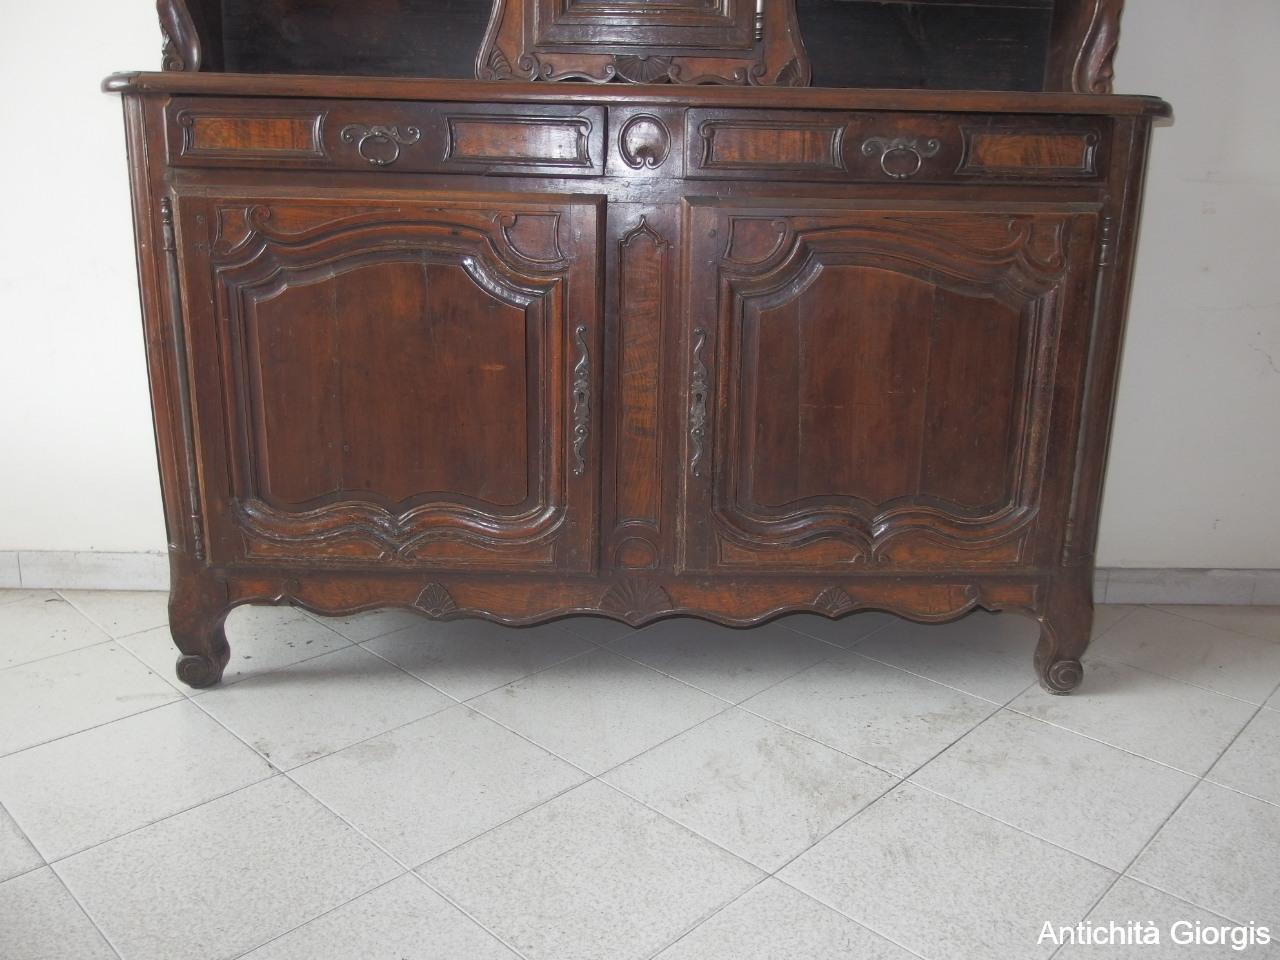 Credenza Con Alzata Dell 800 : Antichità giorgis u credenza a tre porte con alzata e orologio